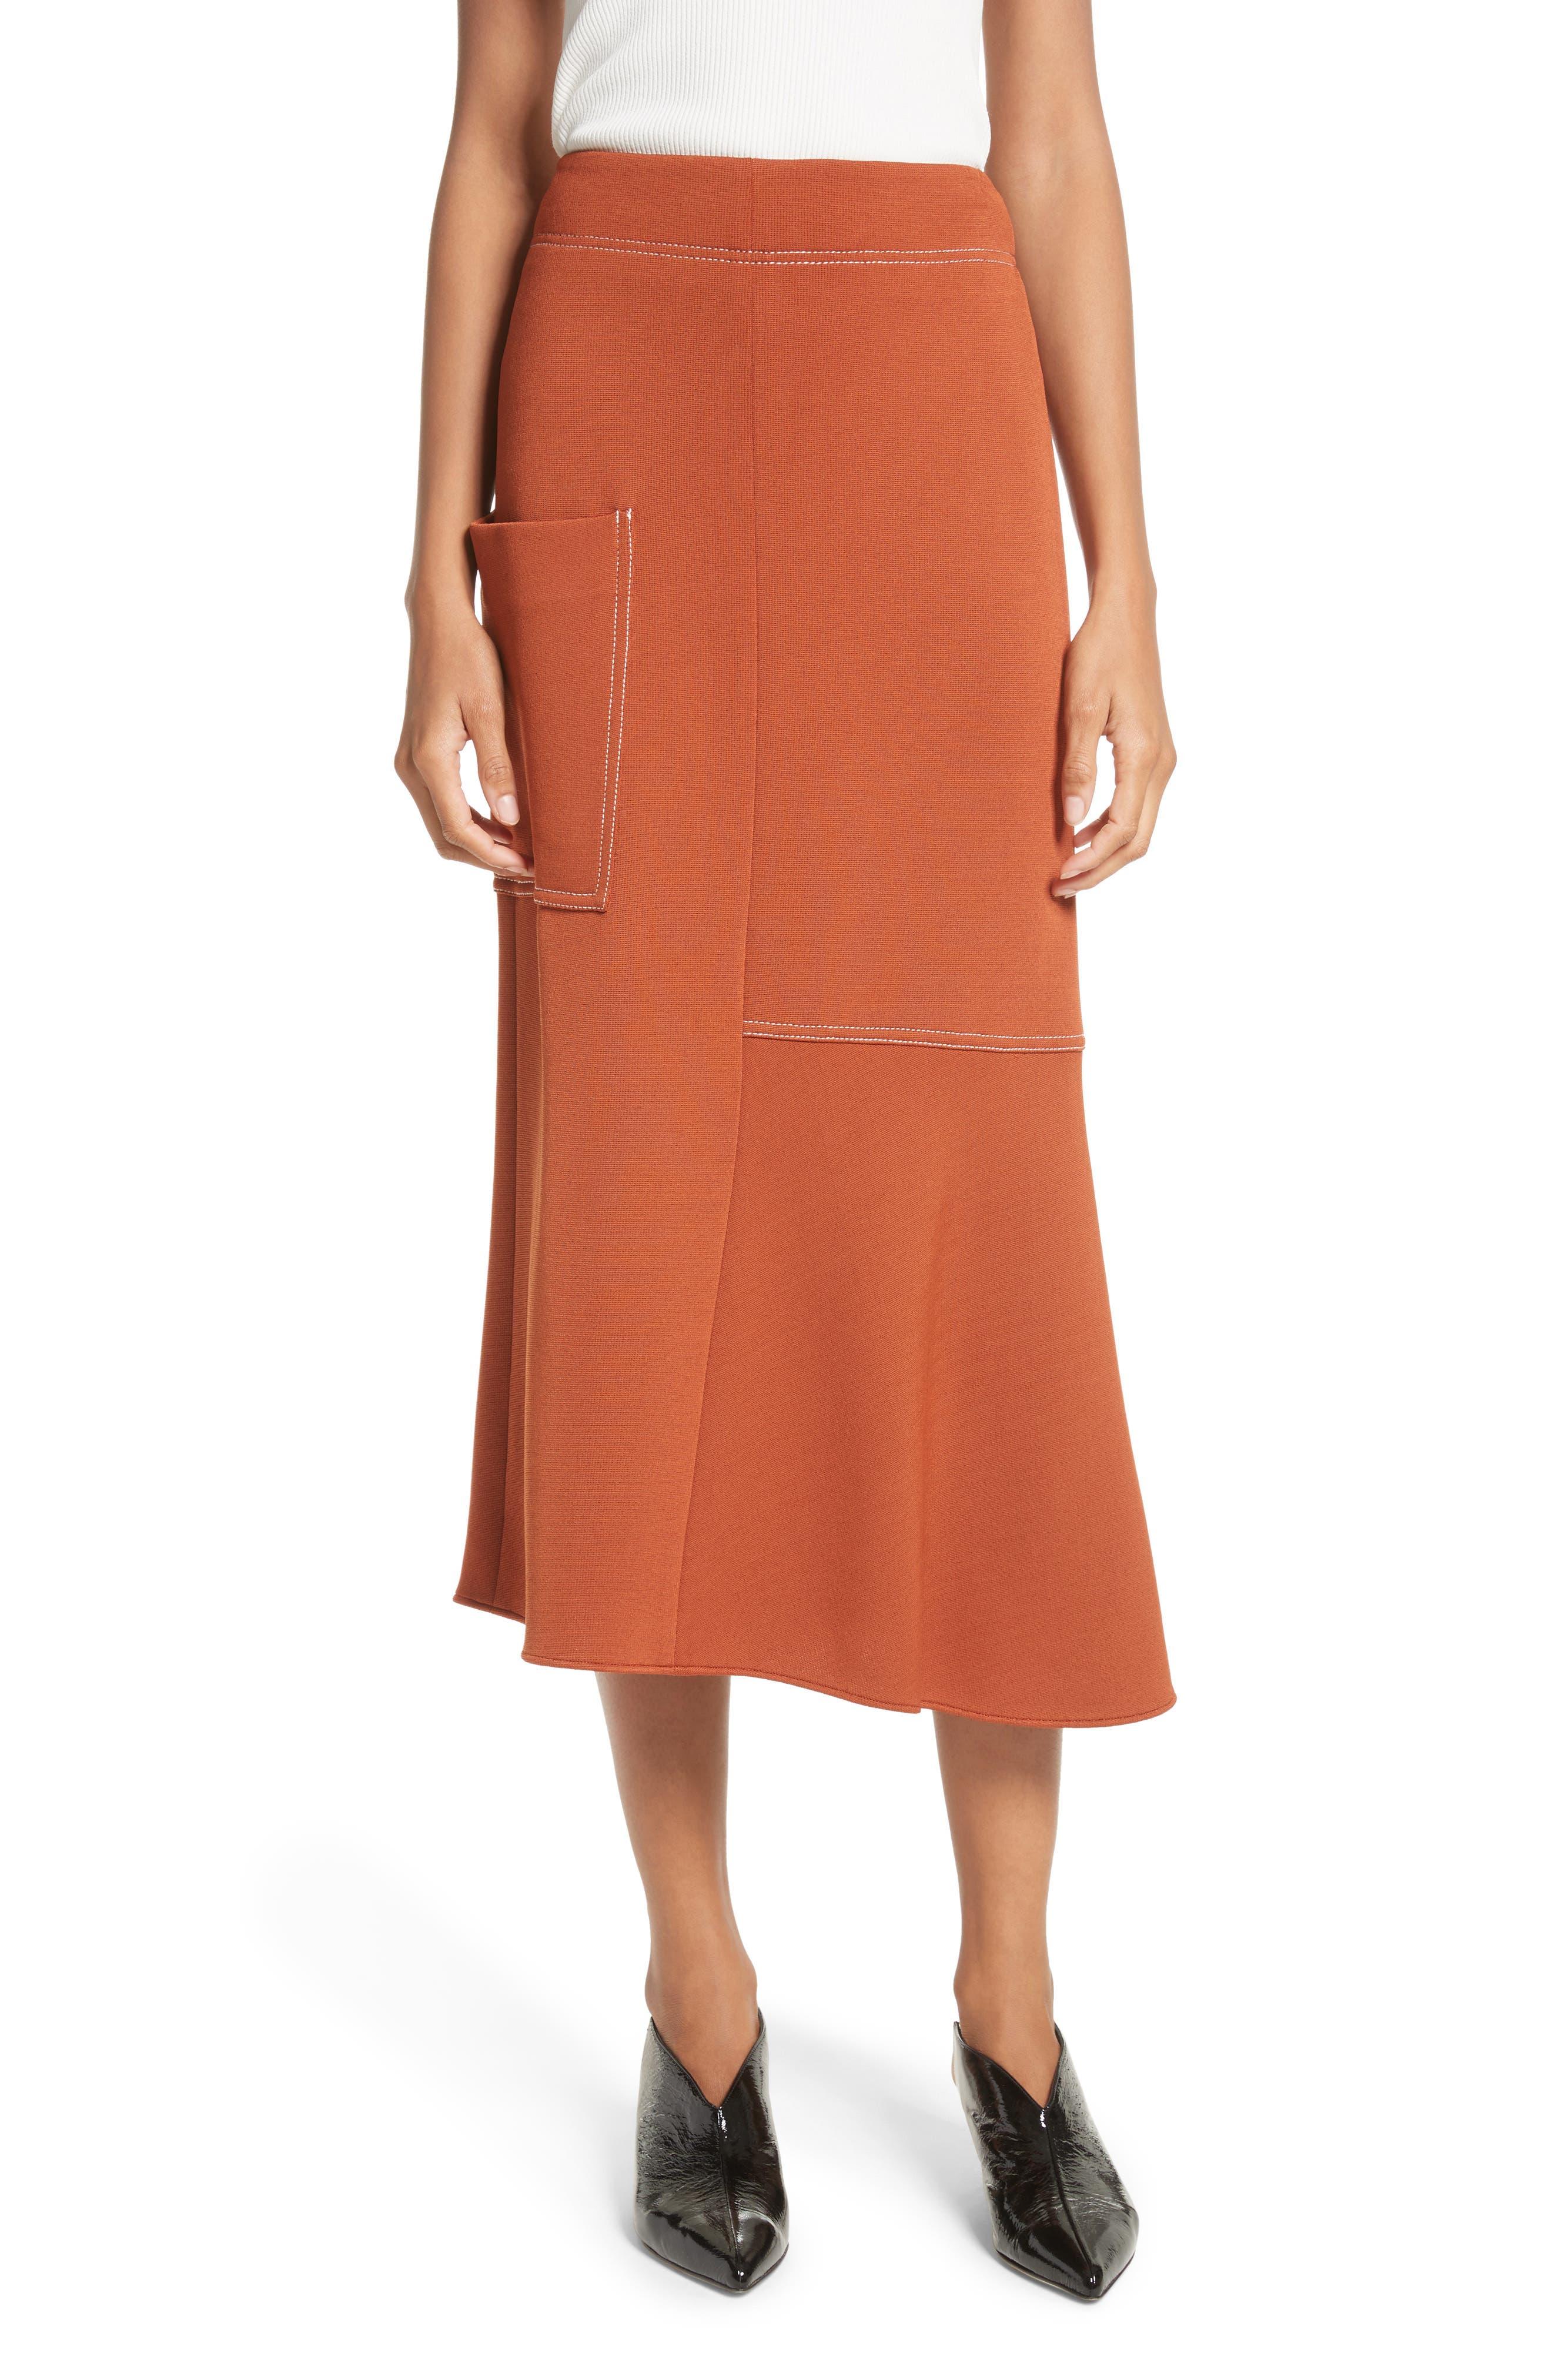 Tibi Crepe Knit Midi Skirt